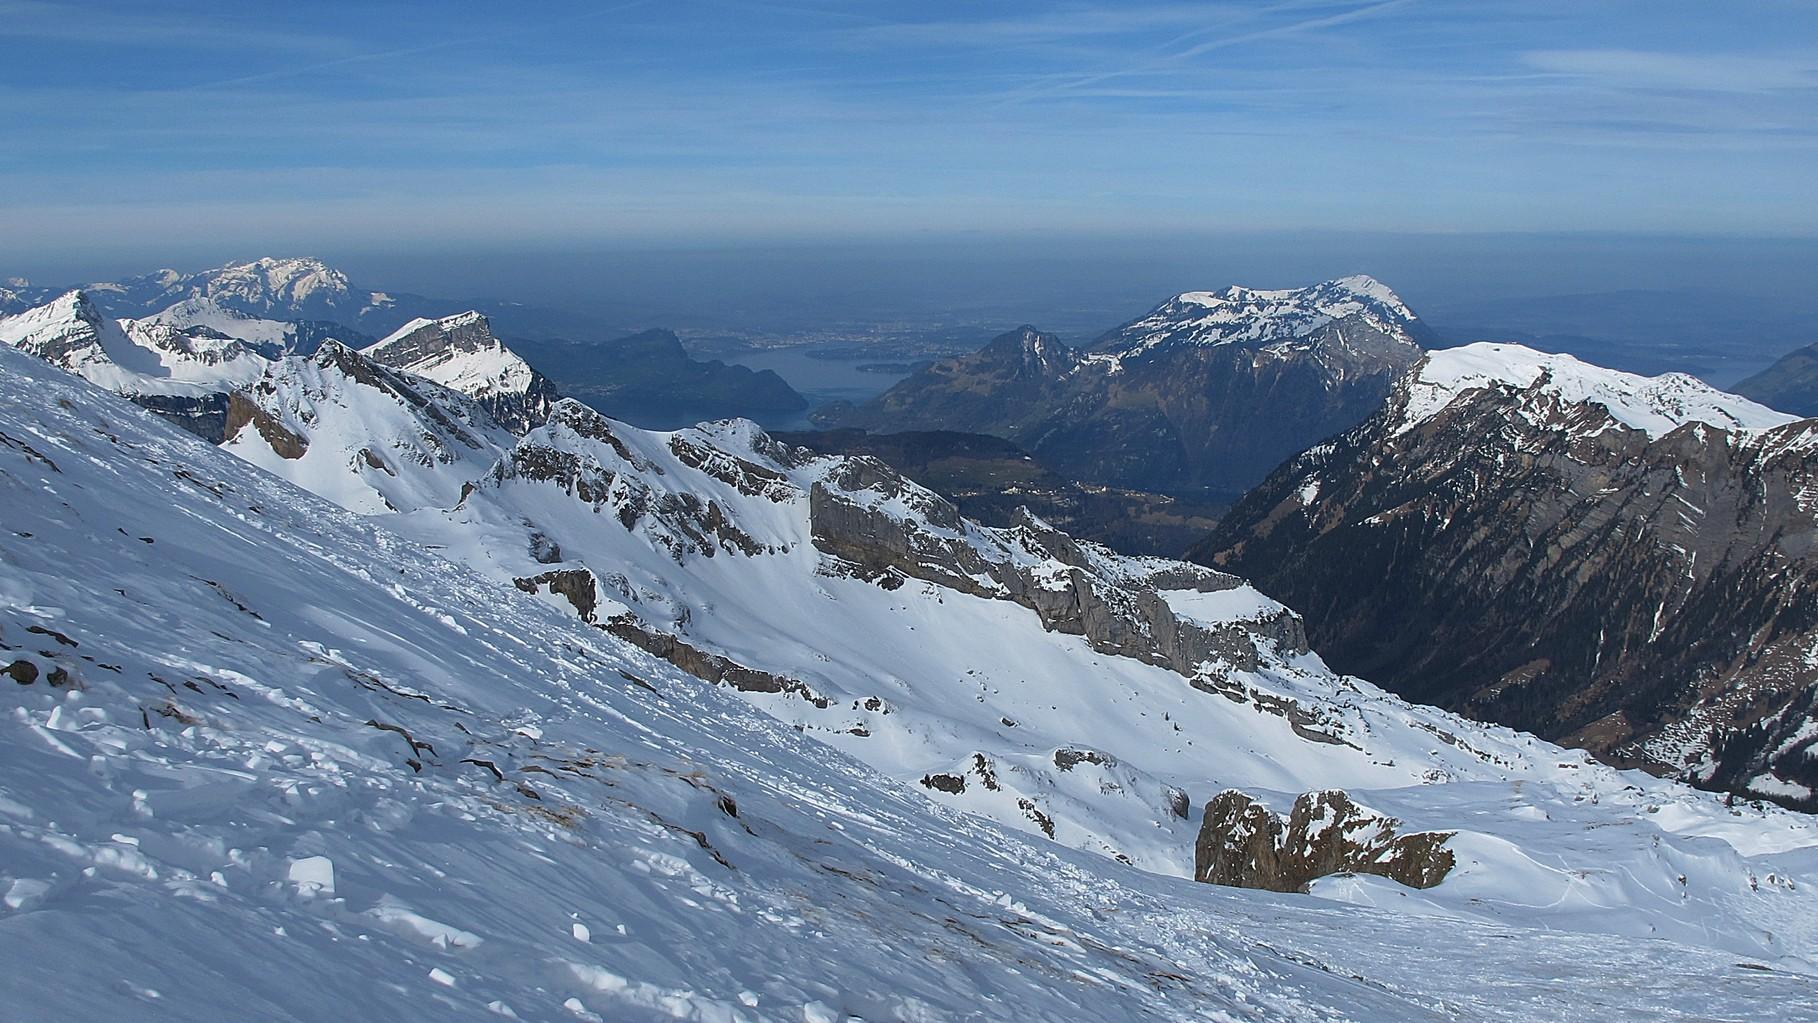 Blick vom Gipfelhang des Rossstocks Richtung Luzern